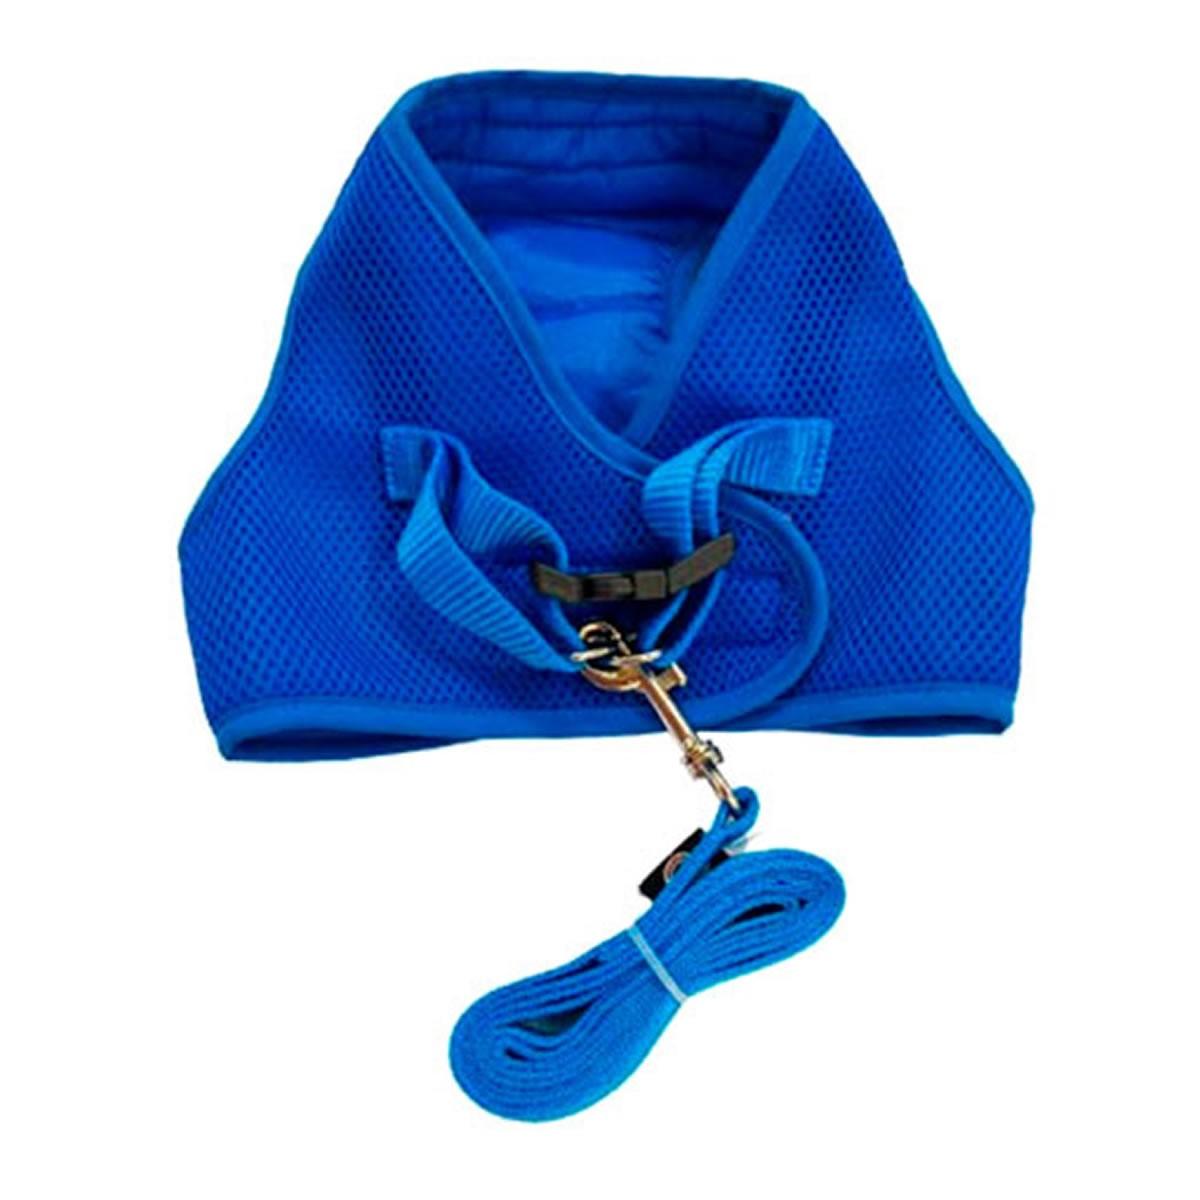 Coleira Peitoral com Guia para Cachorro Tecido Aerado Emporium Distripet Azul Royal